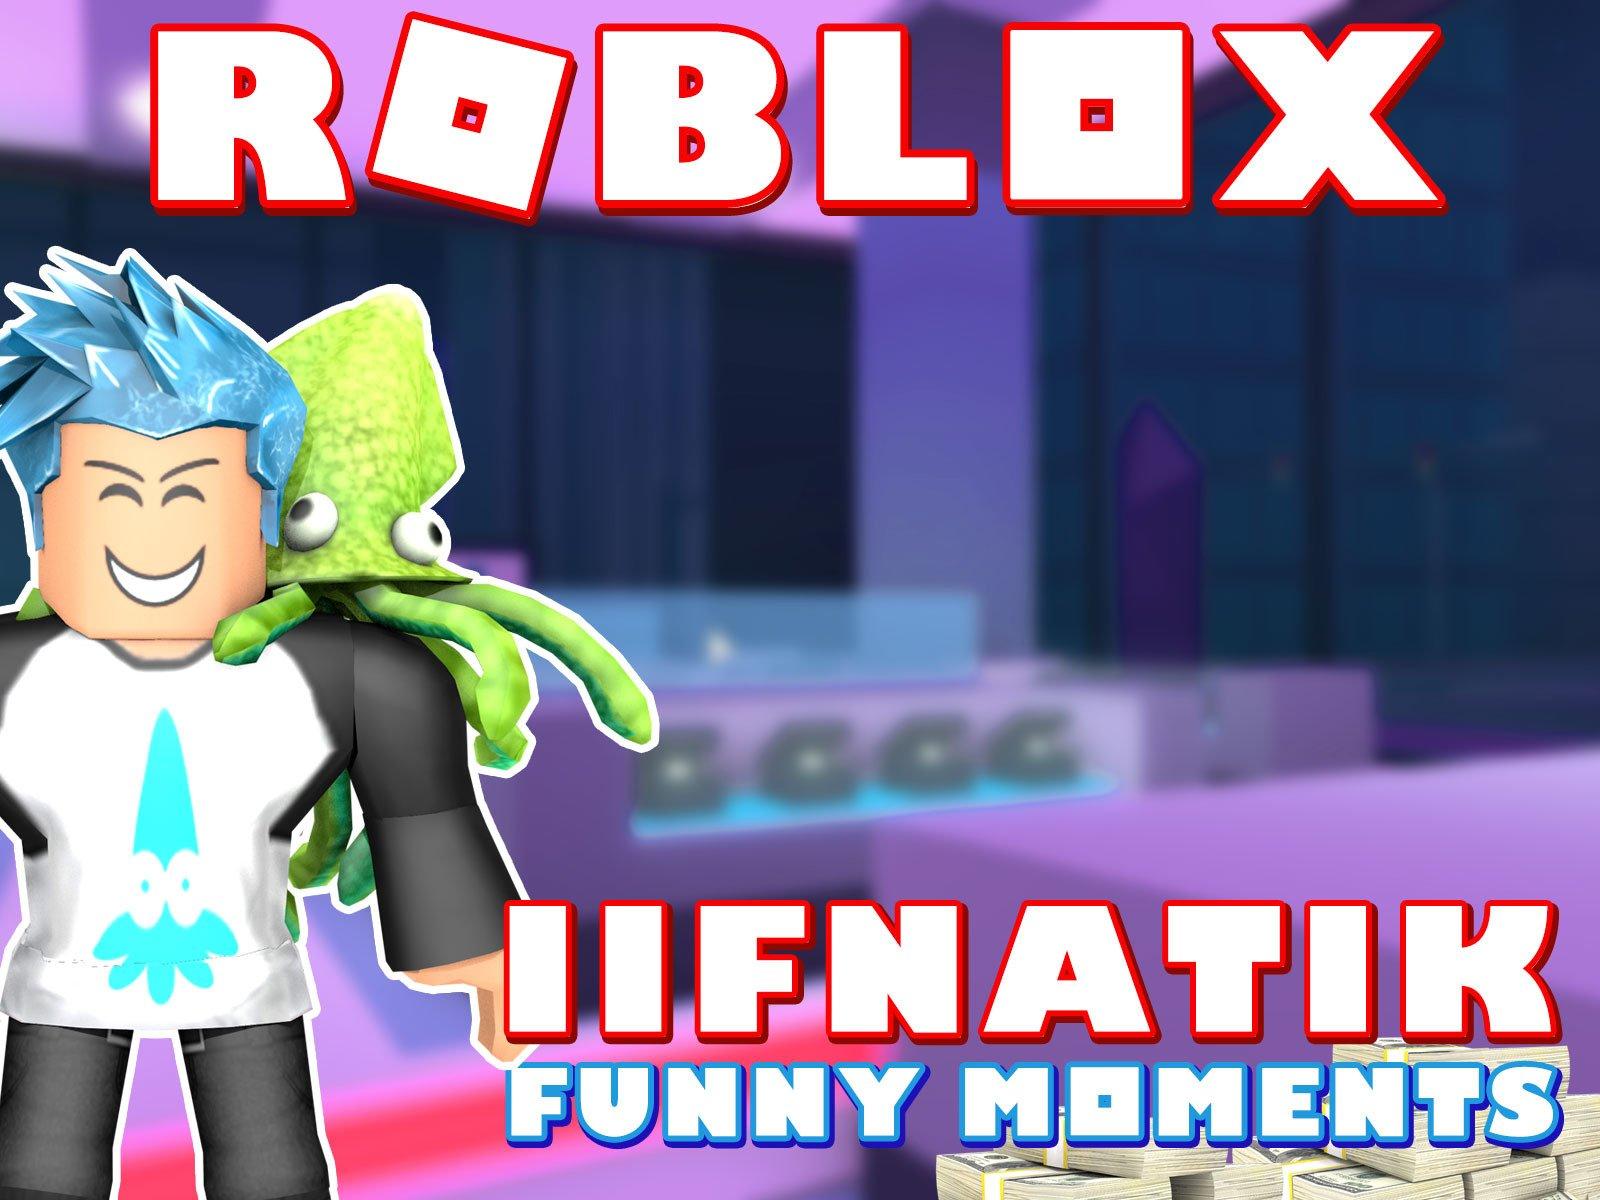 Clip: Roblox Funny Moments (iiFNaTik) - Season 1